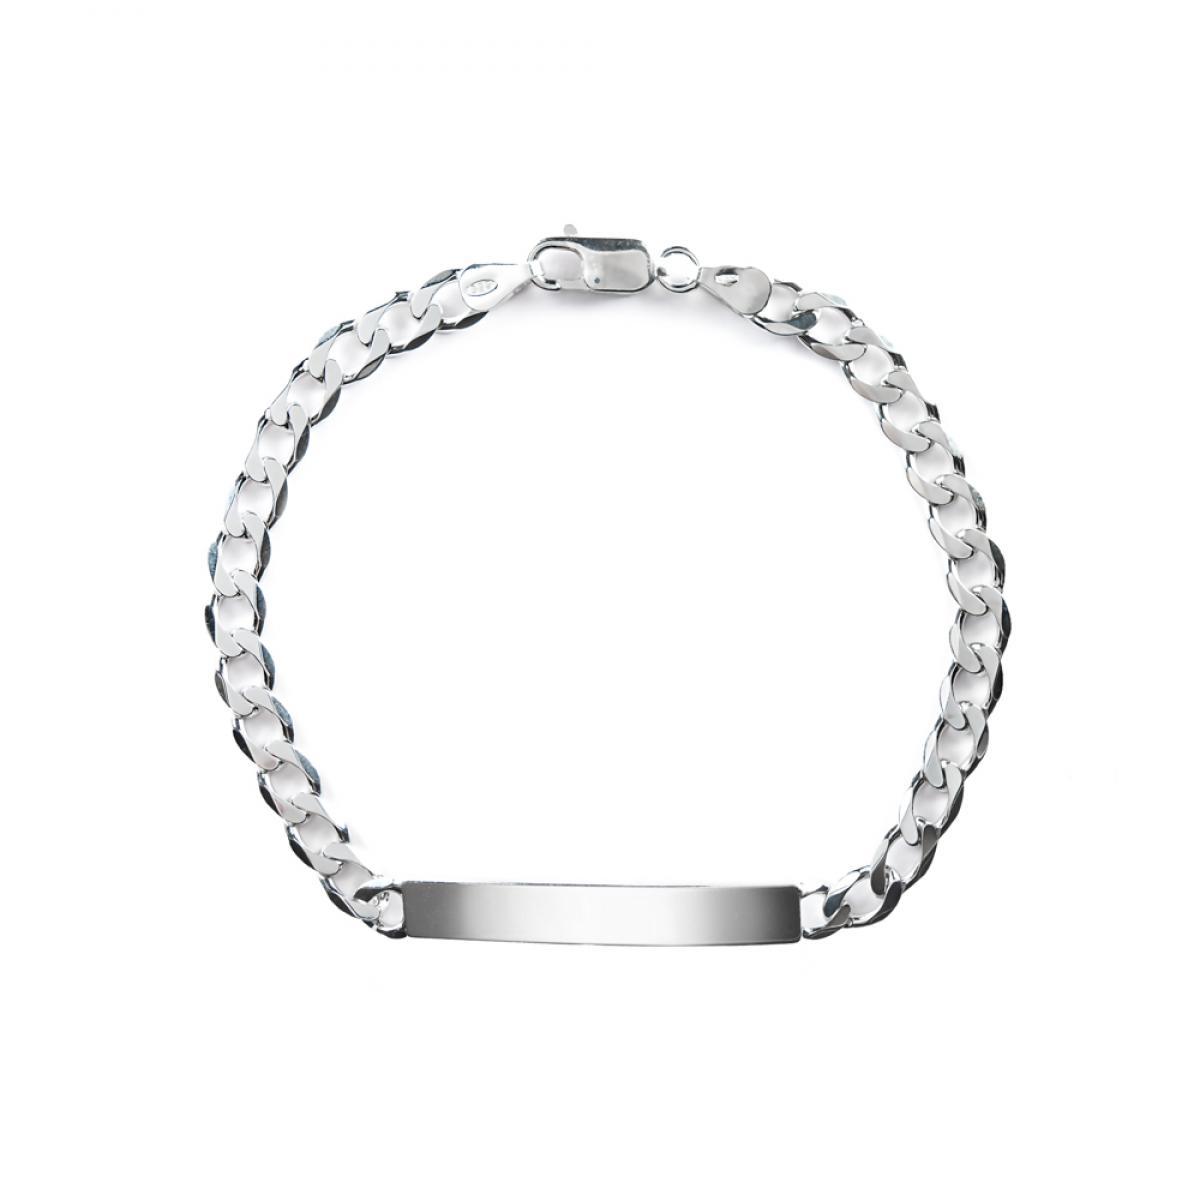 Срібний браслет с пластиною для гравіювання (розмір 22)